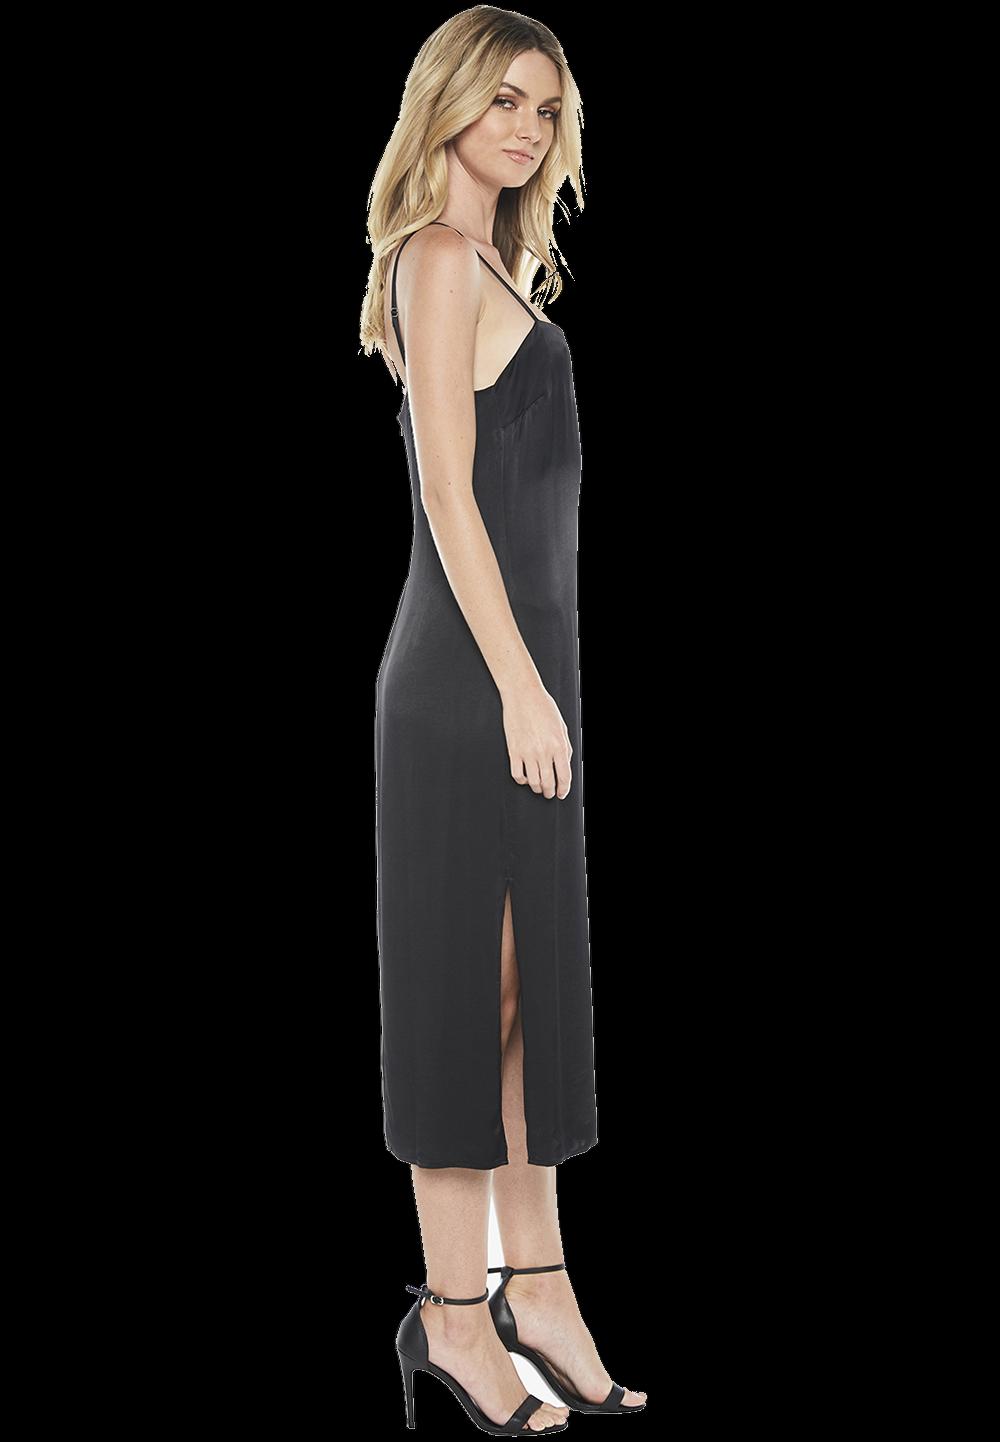 VANIA STRAP DRESS in colour CAVIAR